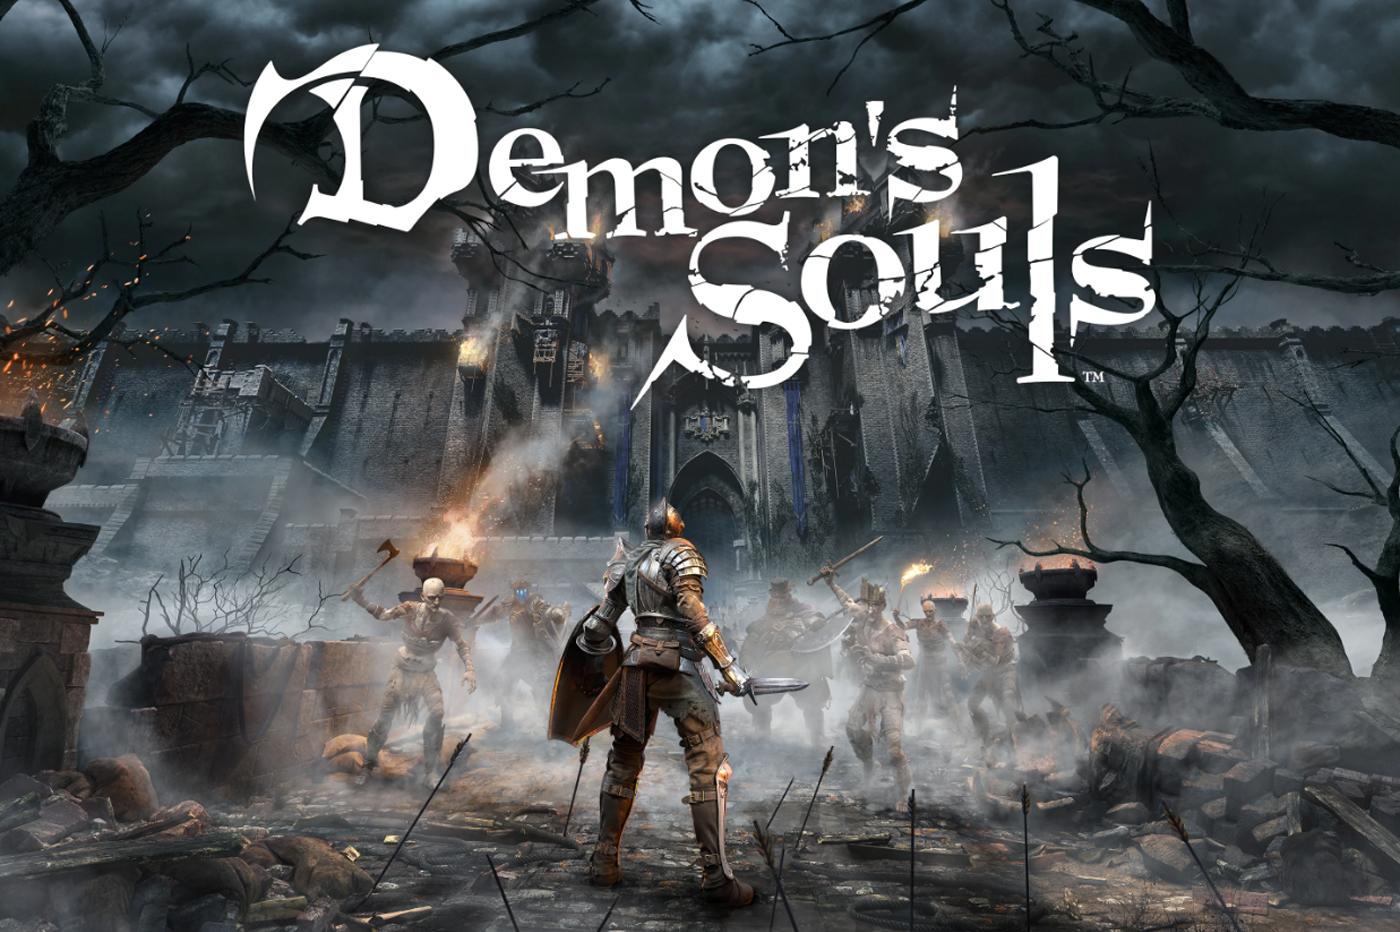 https://www.presse-citron.net/wordpress_prod/wp-content/uploads/2020/12/Test-Demon-Souls-PS5.jpg